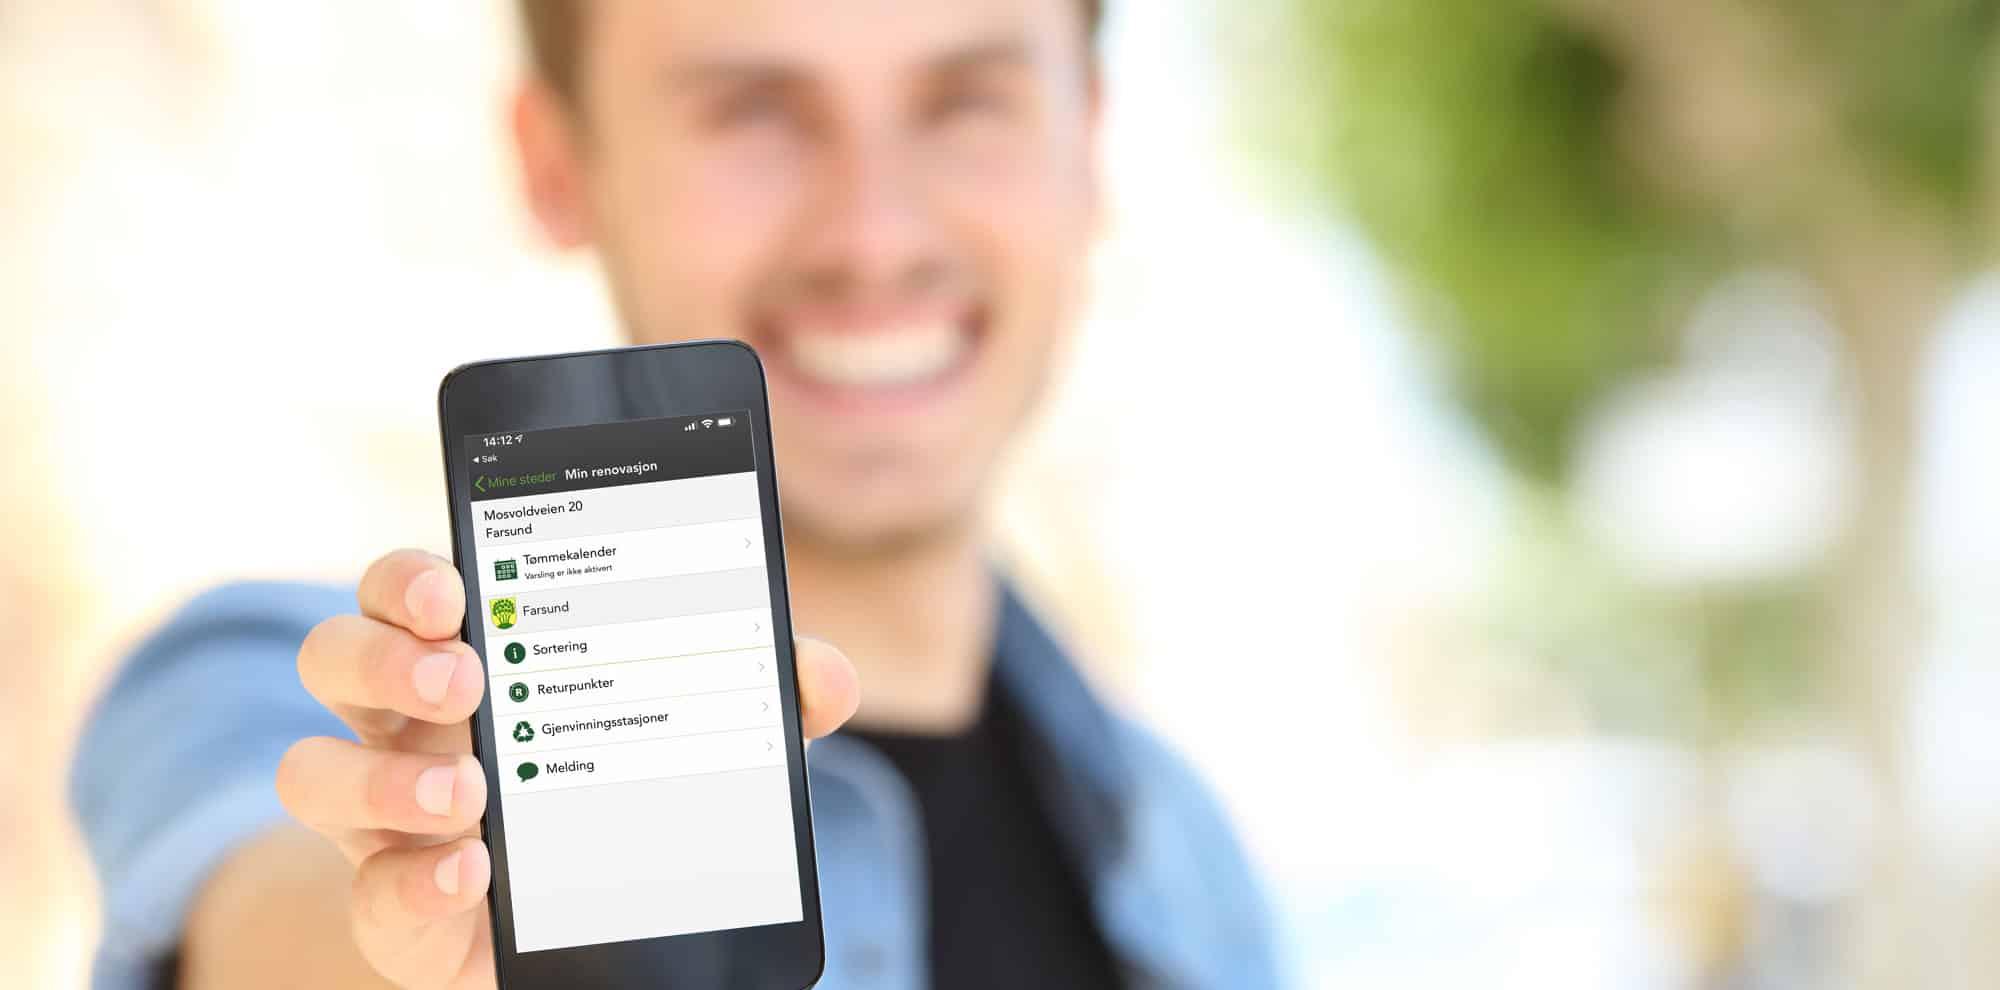 Mockup-min-renovasjons-app